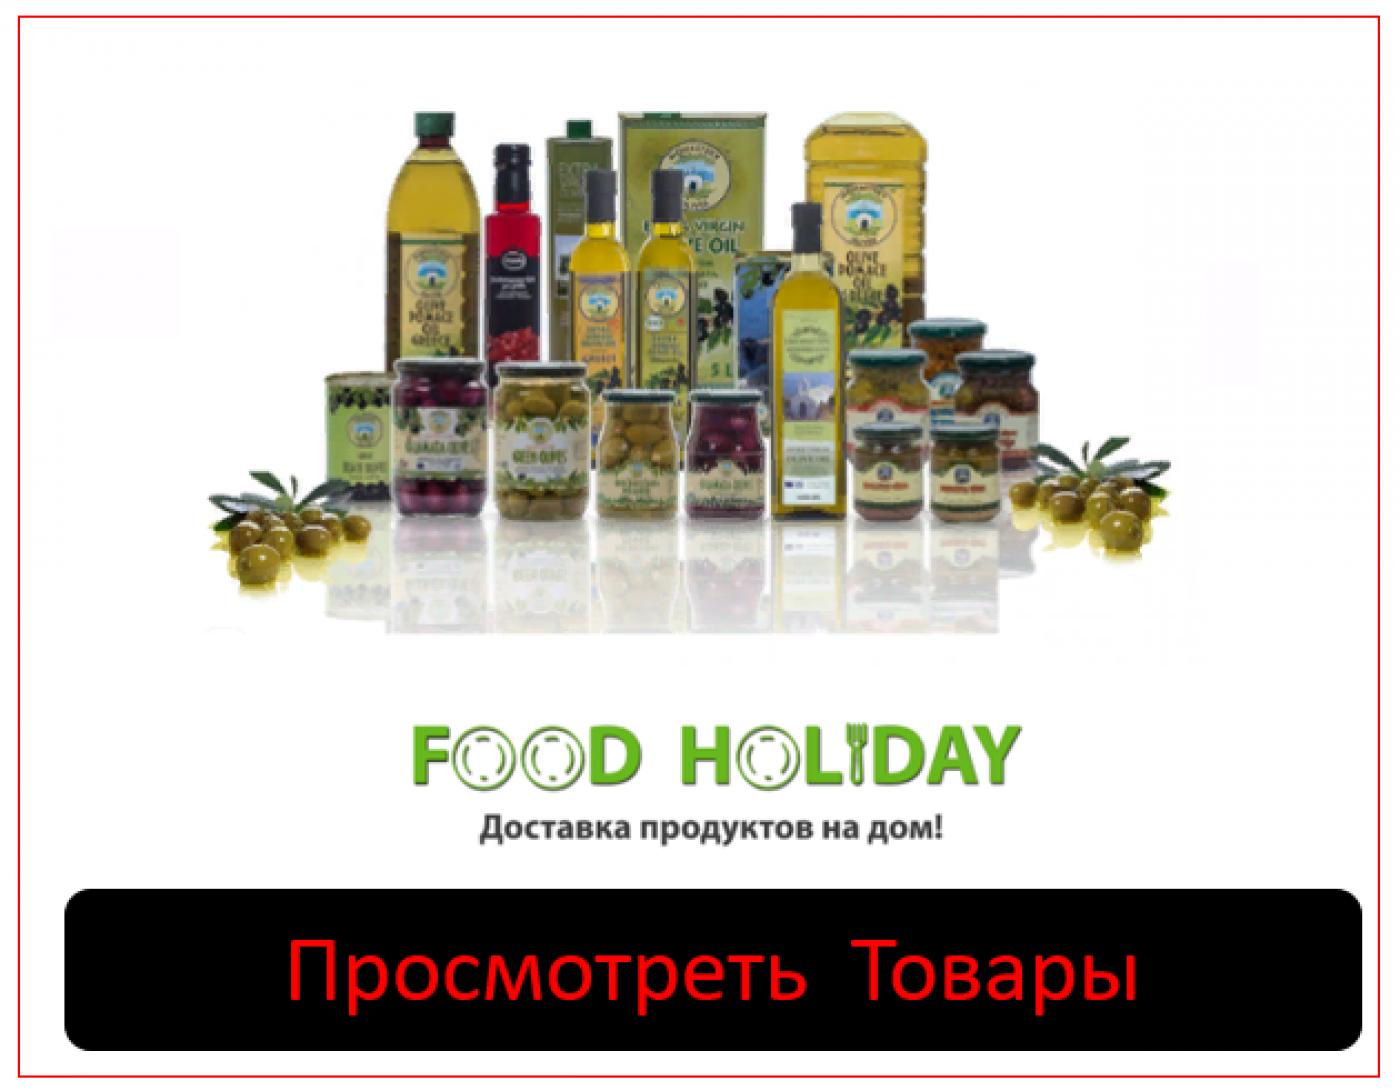 МАСЛА оливковое, подсолнечное  Купить оптом в Москве Санкт Петербурге